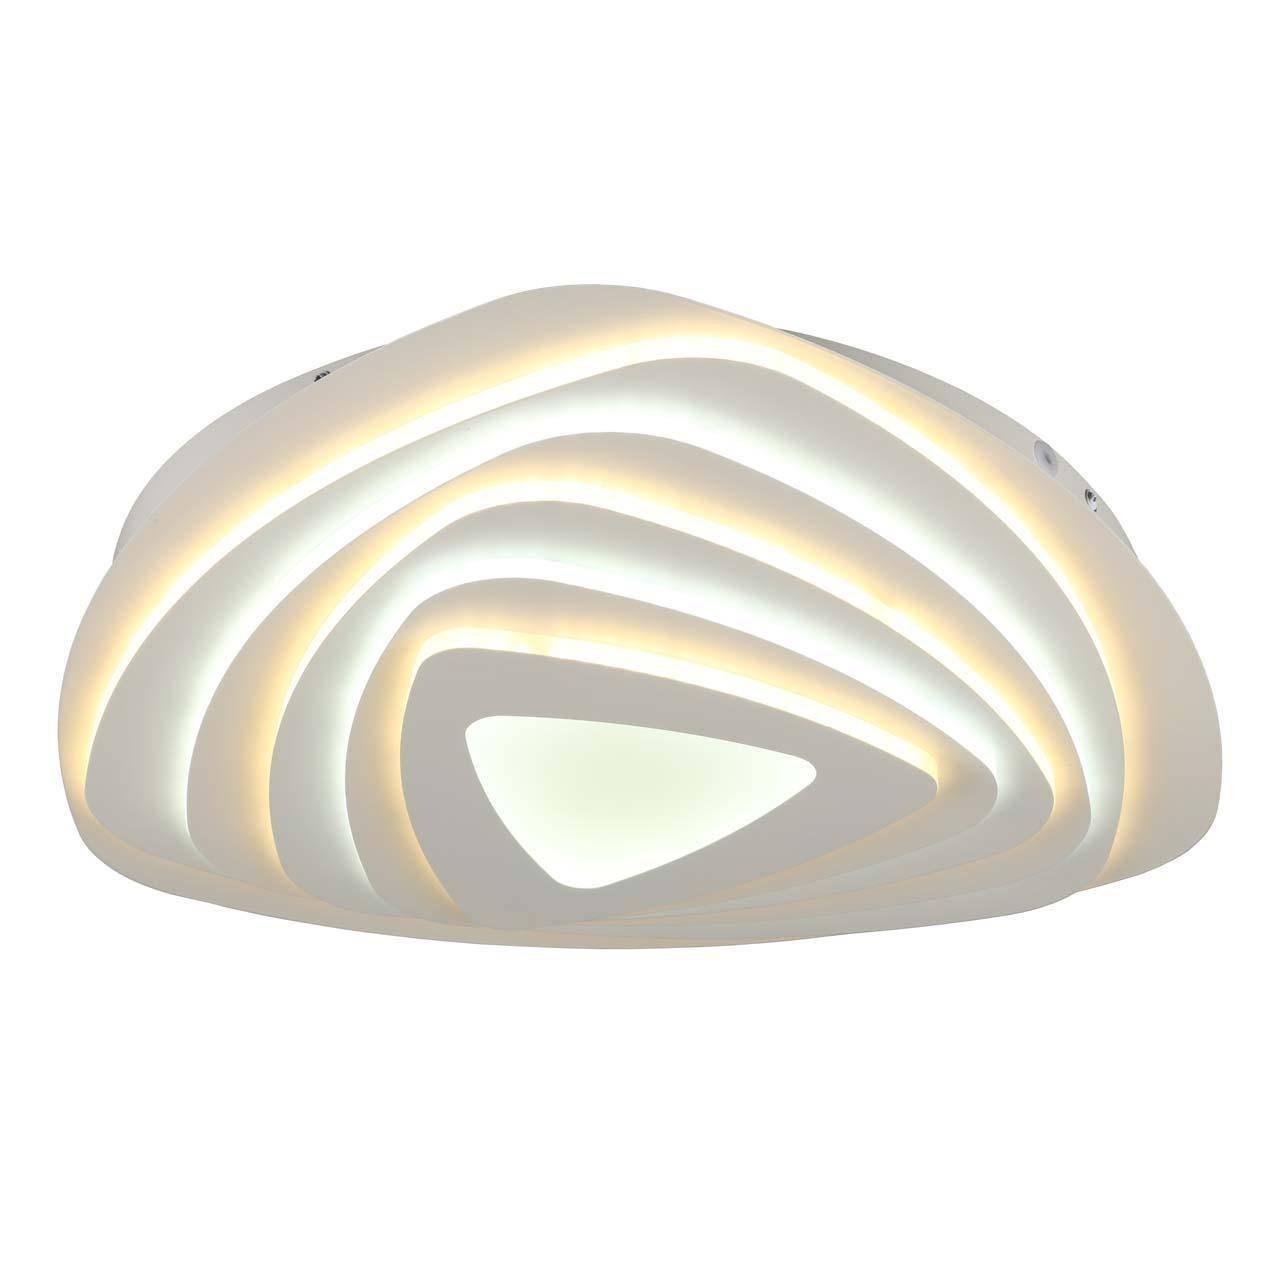 Потолочная светодиодная люстра Omnilux Bacoli OML-07507-216